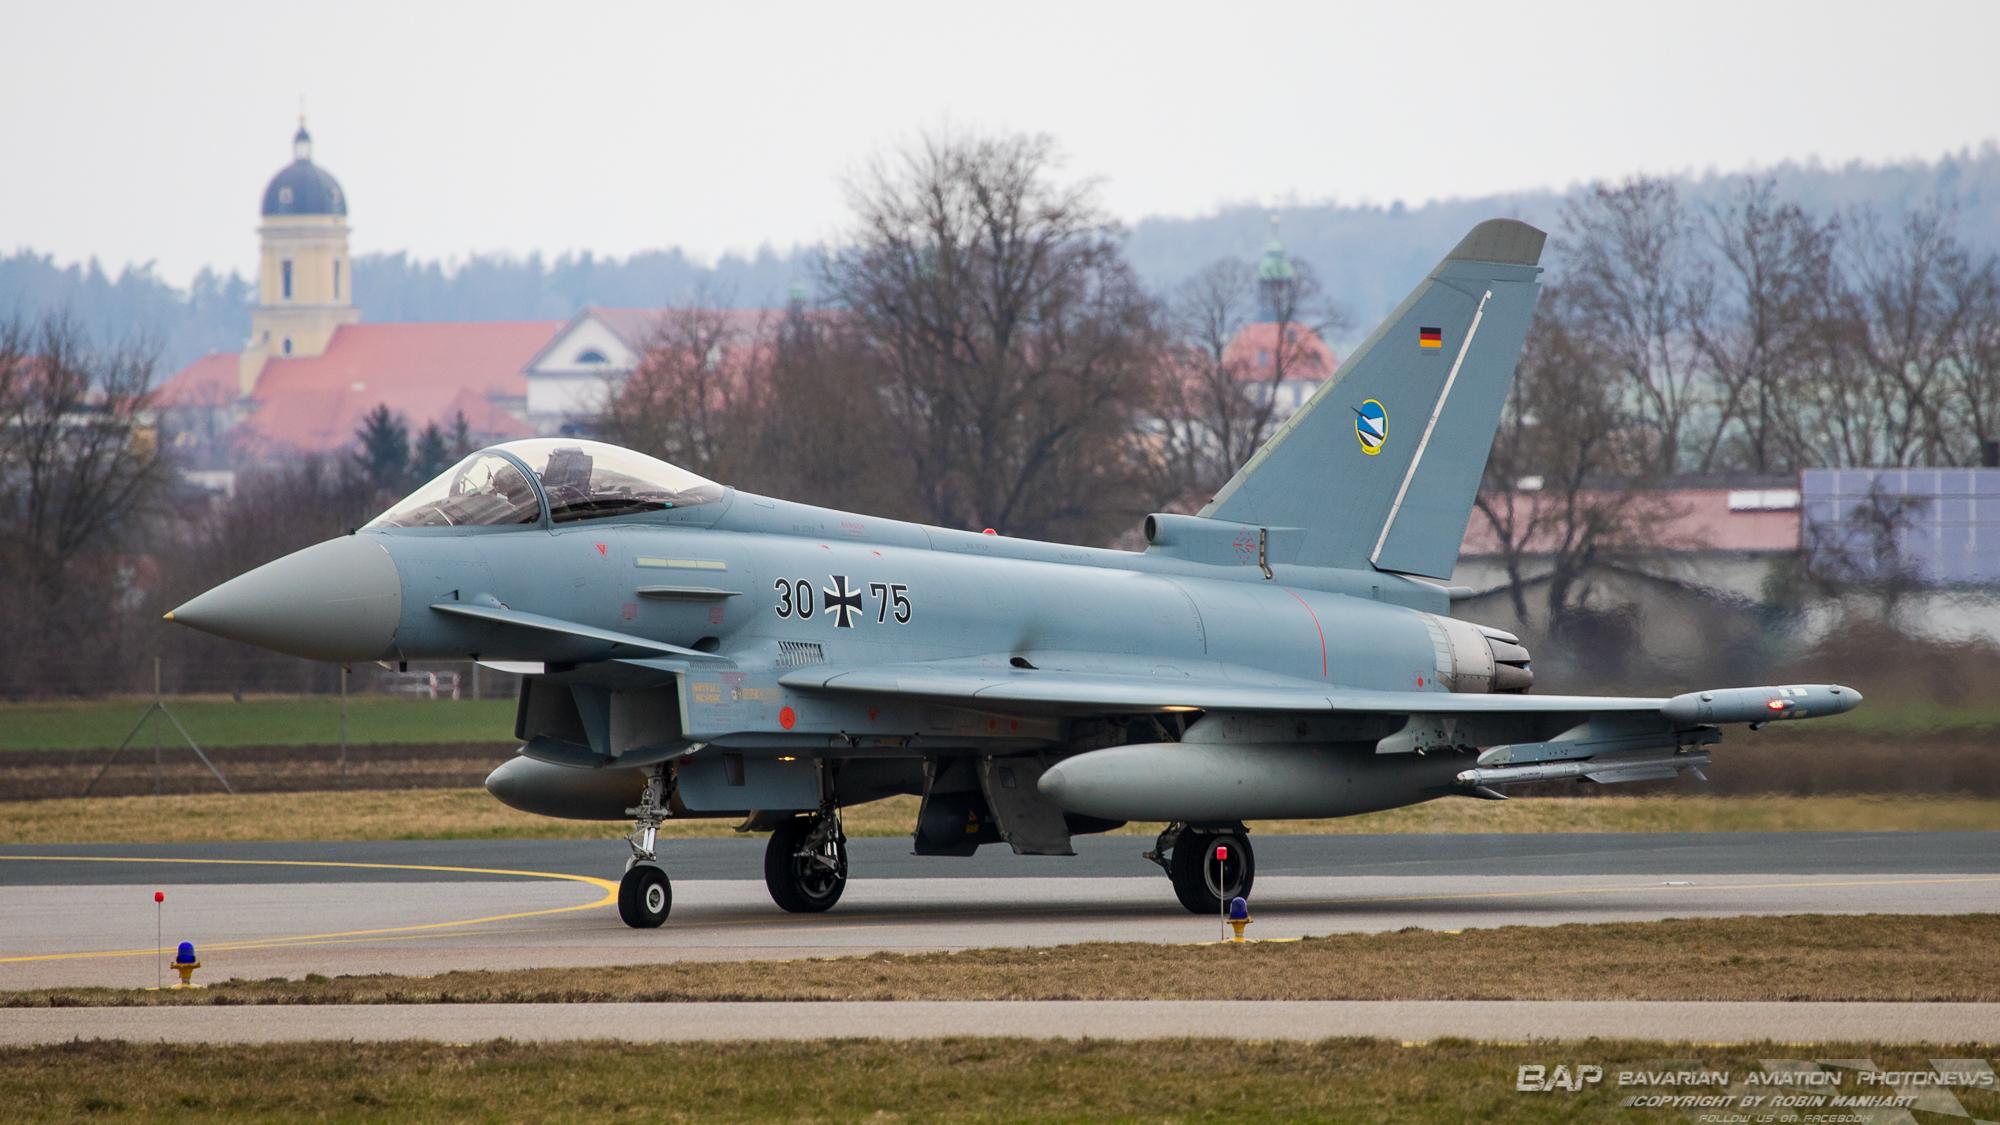 30+75 Eurofighter  TLG 74